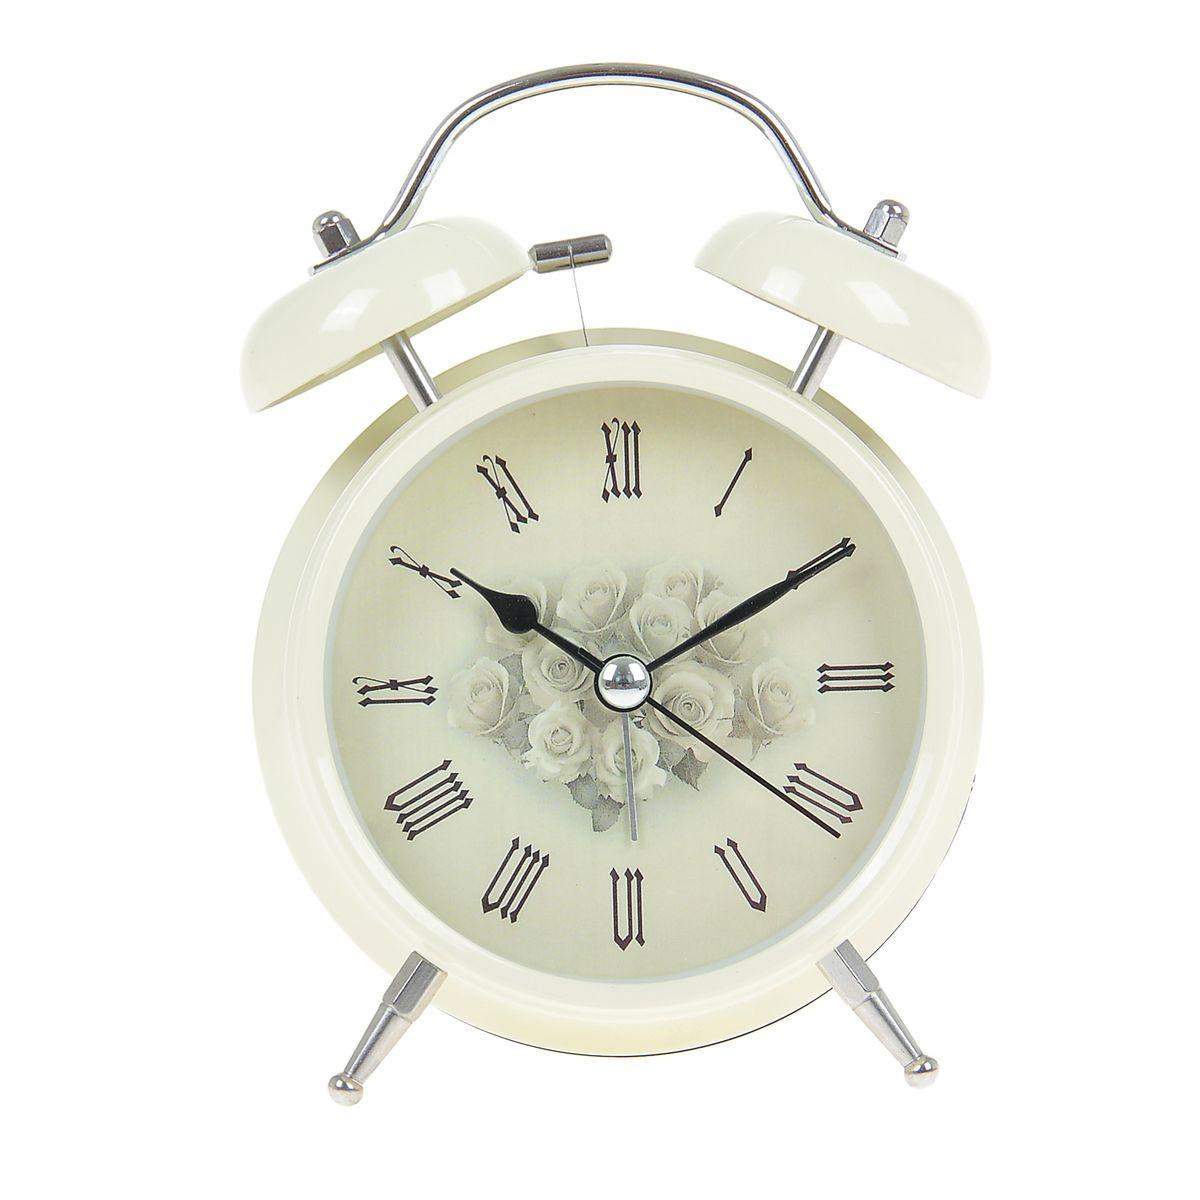 Часы-будильник Sima-land. 906604906604Как же сложно иногда вставать вовремя! Всегда так хочется поспать еще хотя бы 5 минут и бывает, что мы просыпаем. Теперь этого не случится! Яркий, оригинальный будильник Sima-land поможет вам всегда вставать в нужное время и успевать везде и всюду. Время показывает точно и будит в установленный час. Будильник украсит вашу комнату и приведет в восхищение друзей. На задней панели будильника расположены переключатель включения/выключения механизма и два колесика для настройки текущего времени и времени звонка будильника. Также будильник оснащен кнопкой, при нажатии и удержании которой, подсвечивается циферблат. Будильник работает от 2 батареек типа AA напряжением 1,5V (не входят в комплект).